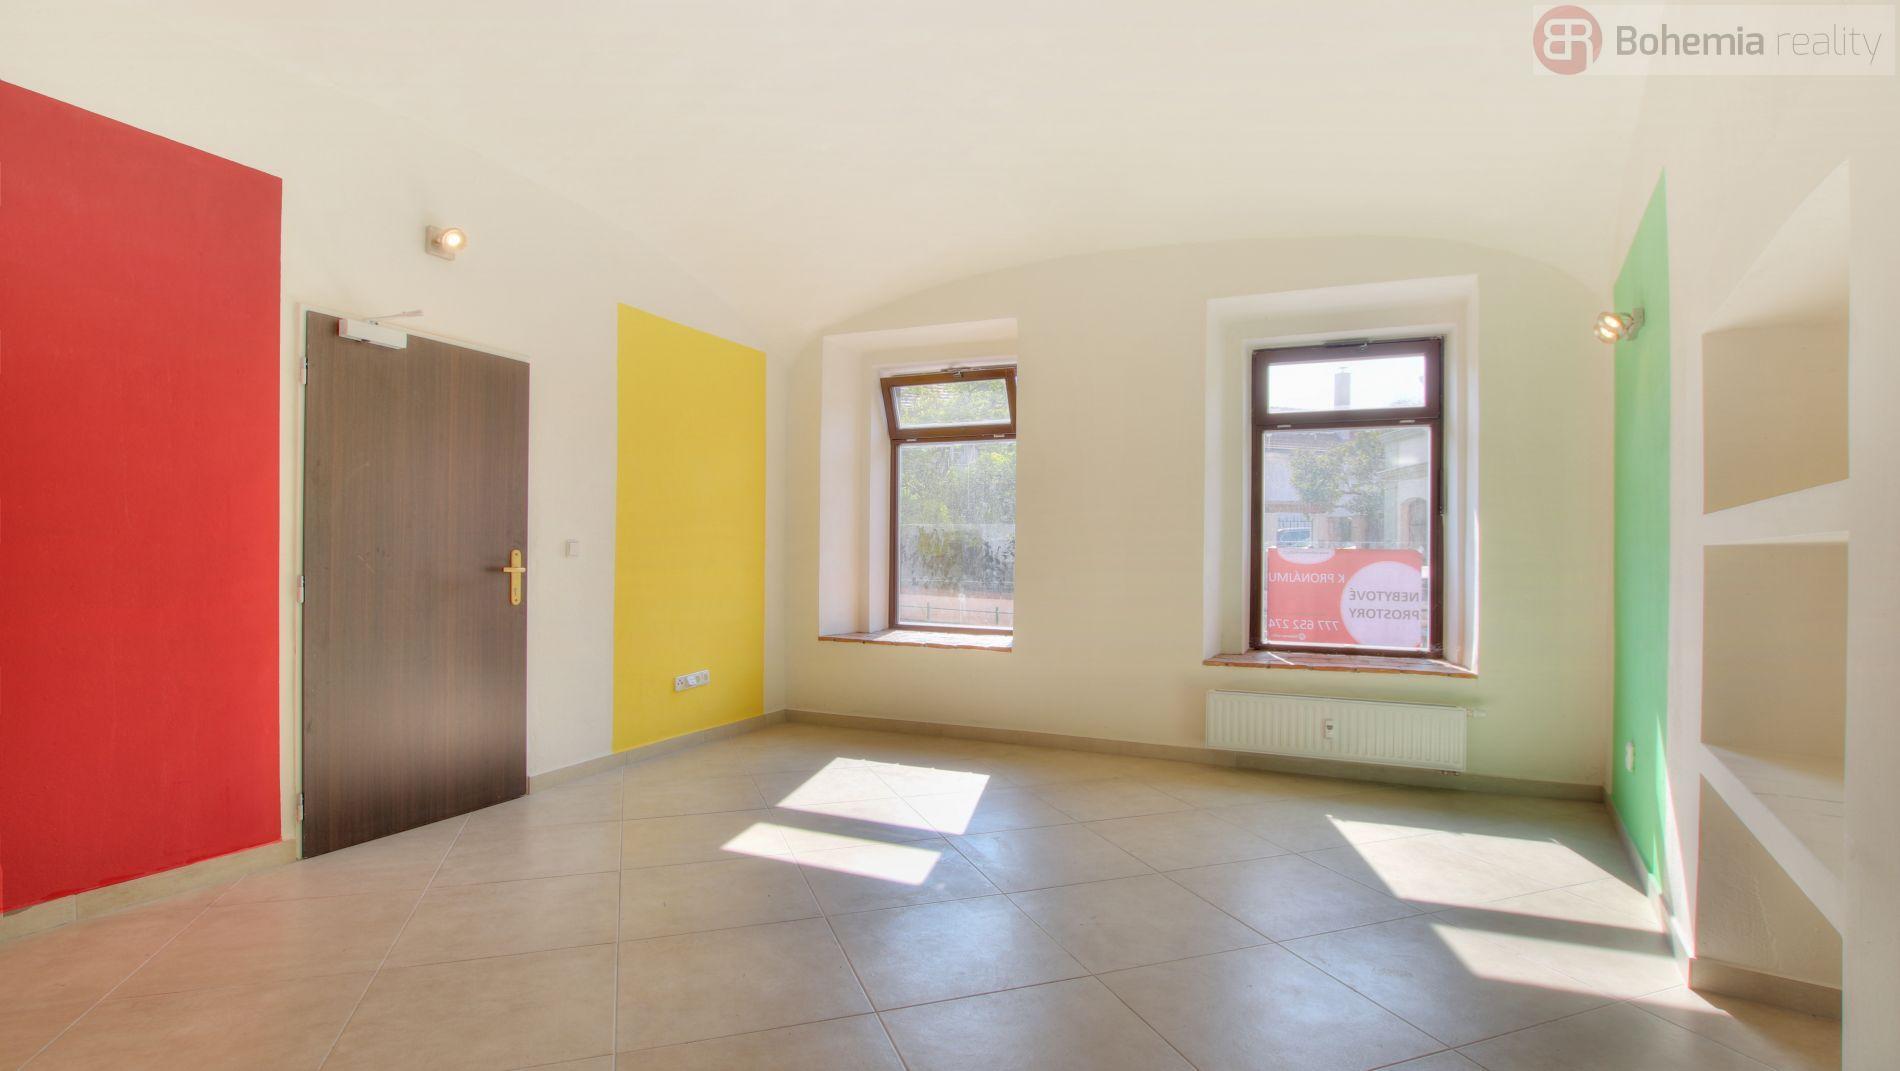 Pronájem nebytového prostoru, přízemí, 40 m2, Brandýs nad Labem